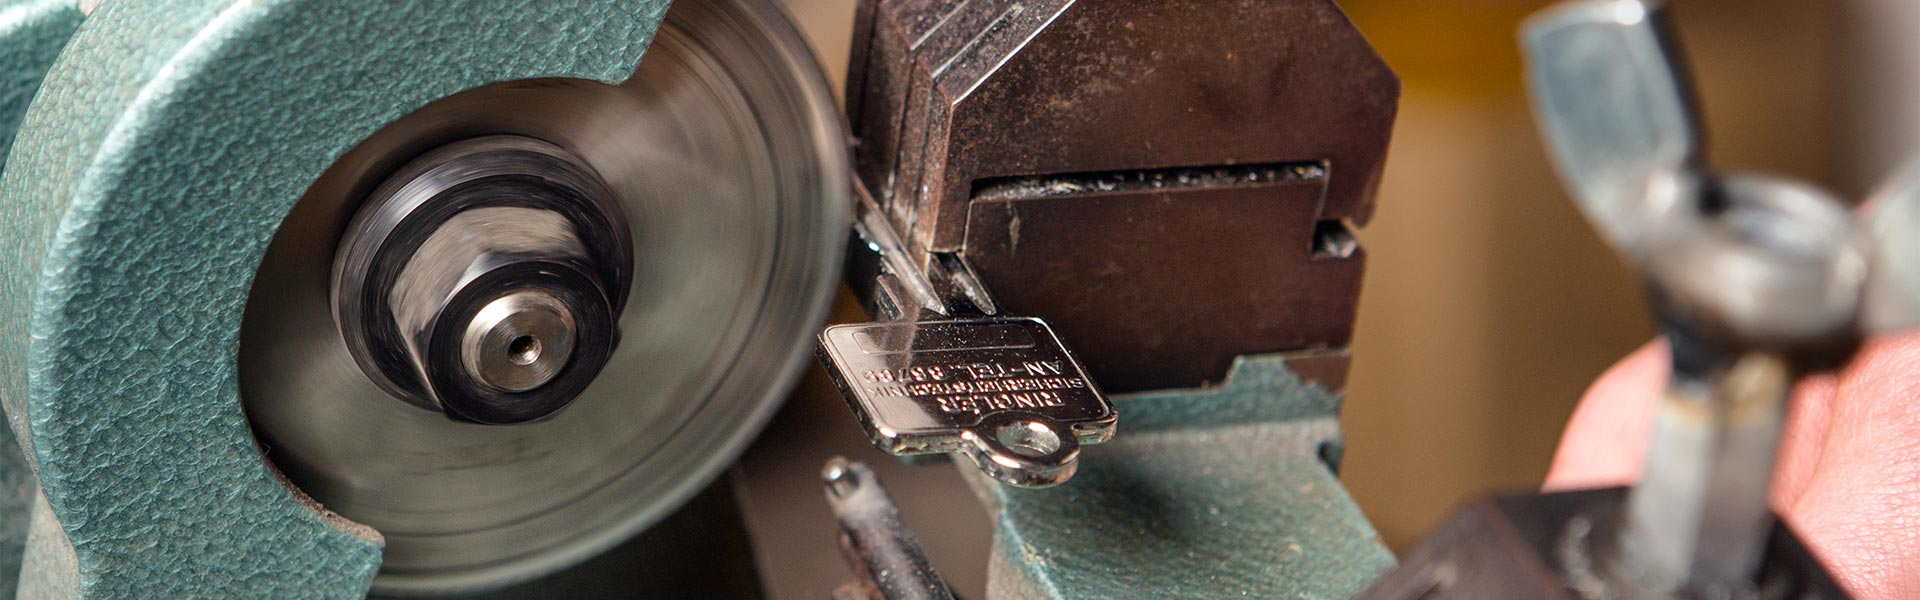 Anfertigung von Schlüssel-Duplikat in Ansbach